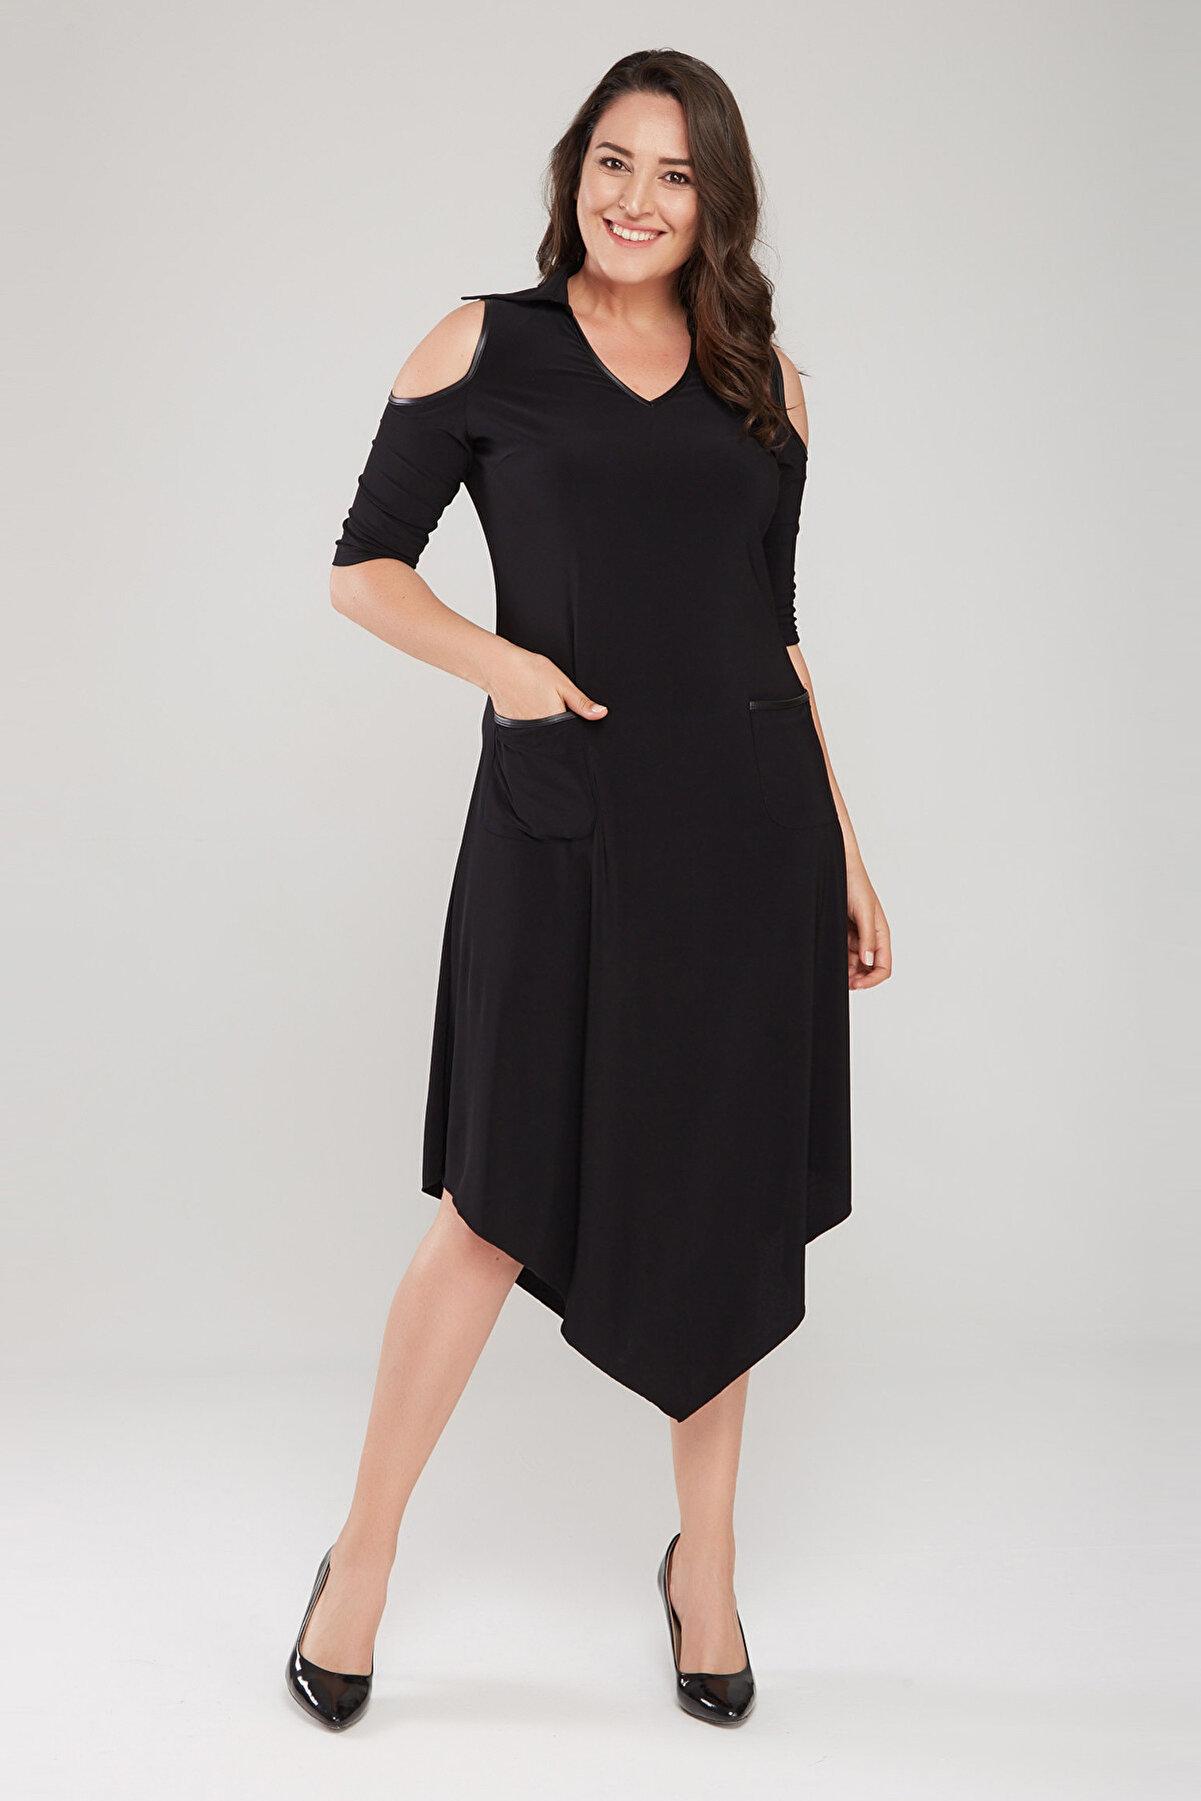 Laranor Kadın Siyah Omuz Detaylı Gömlek Yaka Asimetrik Kesim Elbise 17LB9092